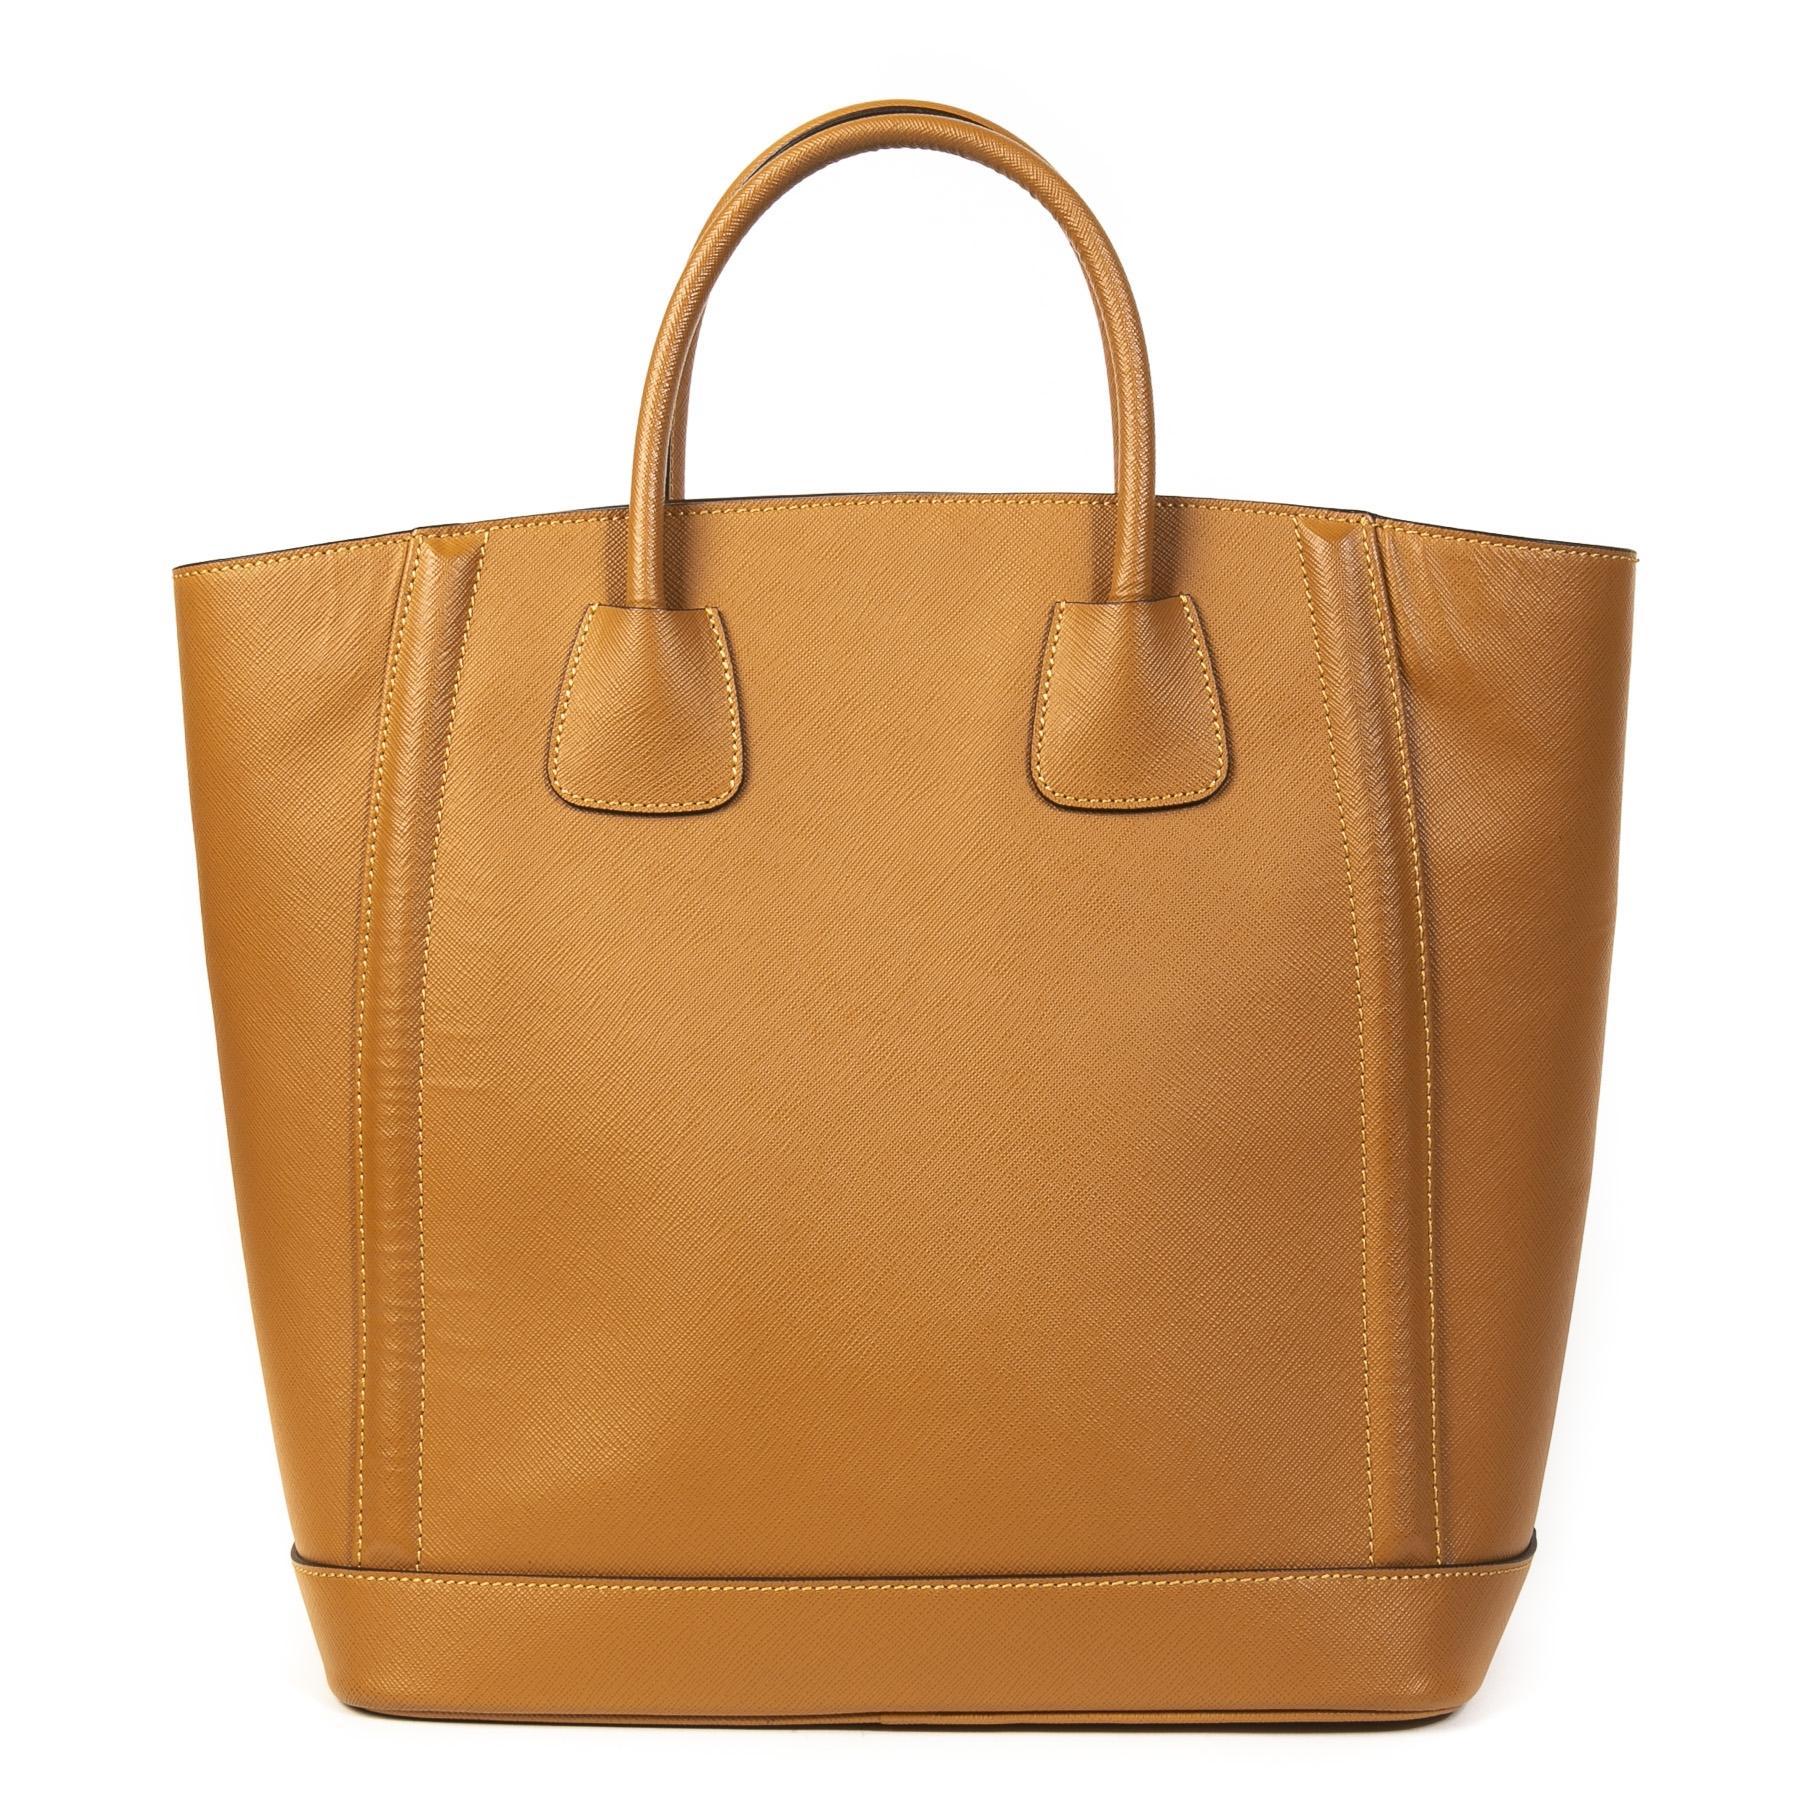 Authentieke Tweedehands Prada Cognac Leather Top Handle Tote Bag juiste prijs veilig online shoppen luxe merken webshop winkelen Antwerpen België mode fashion